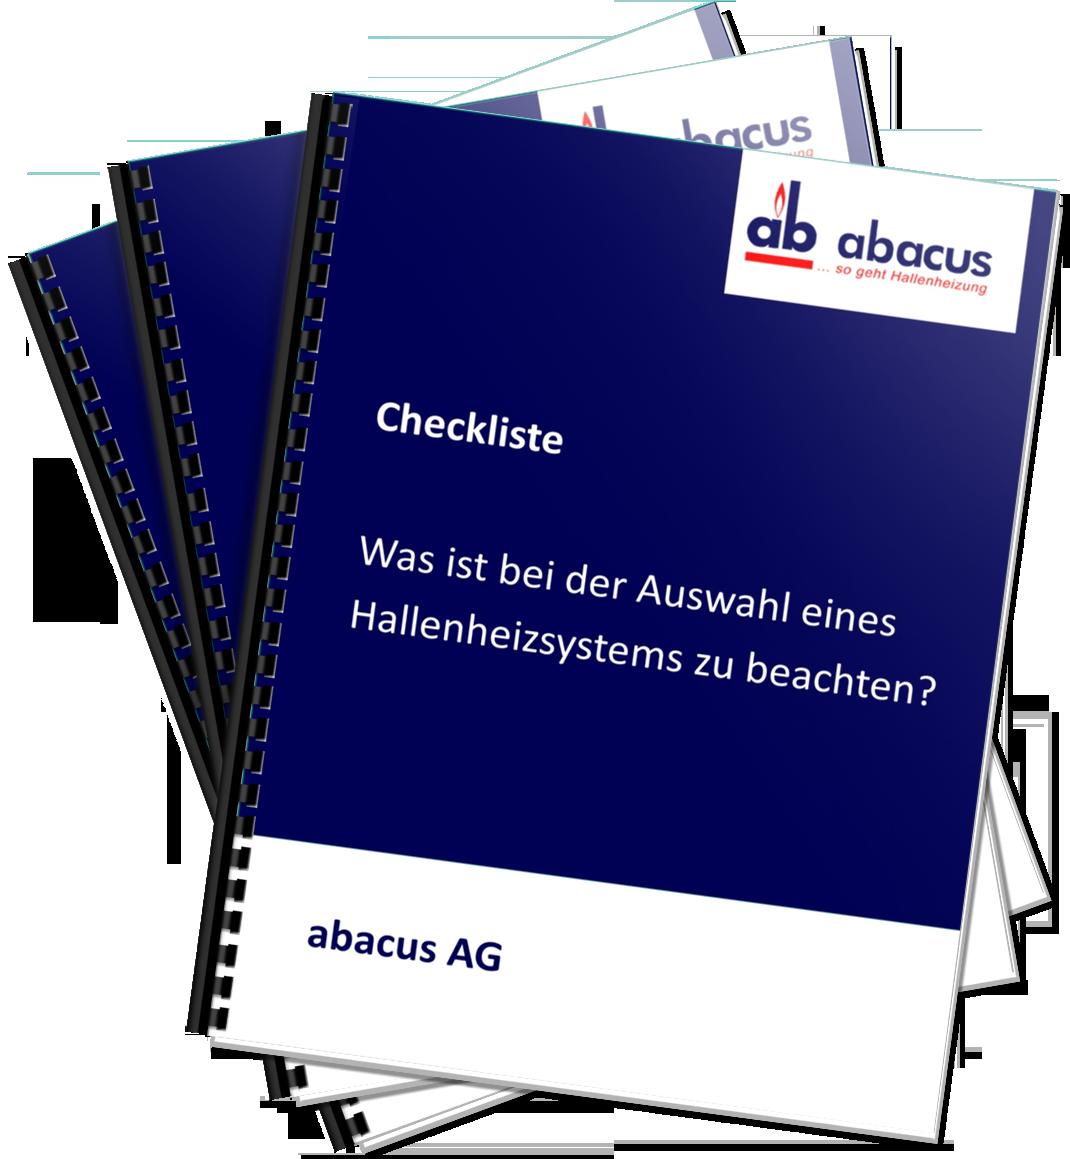 Checkliste - Hallenheisysteme